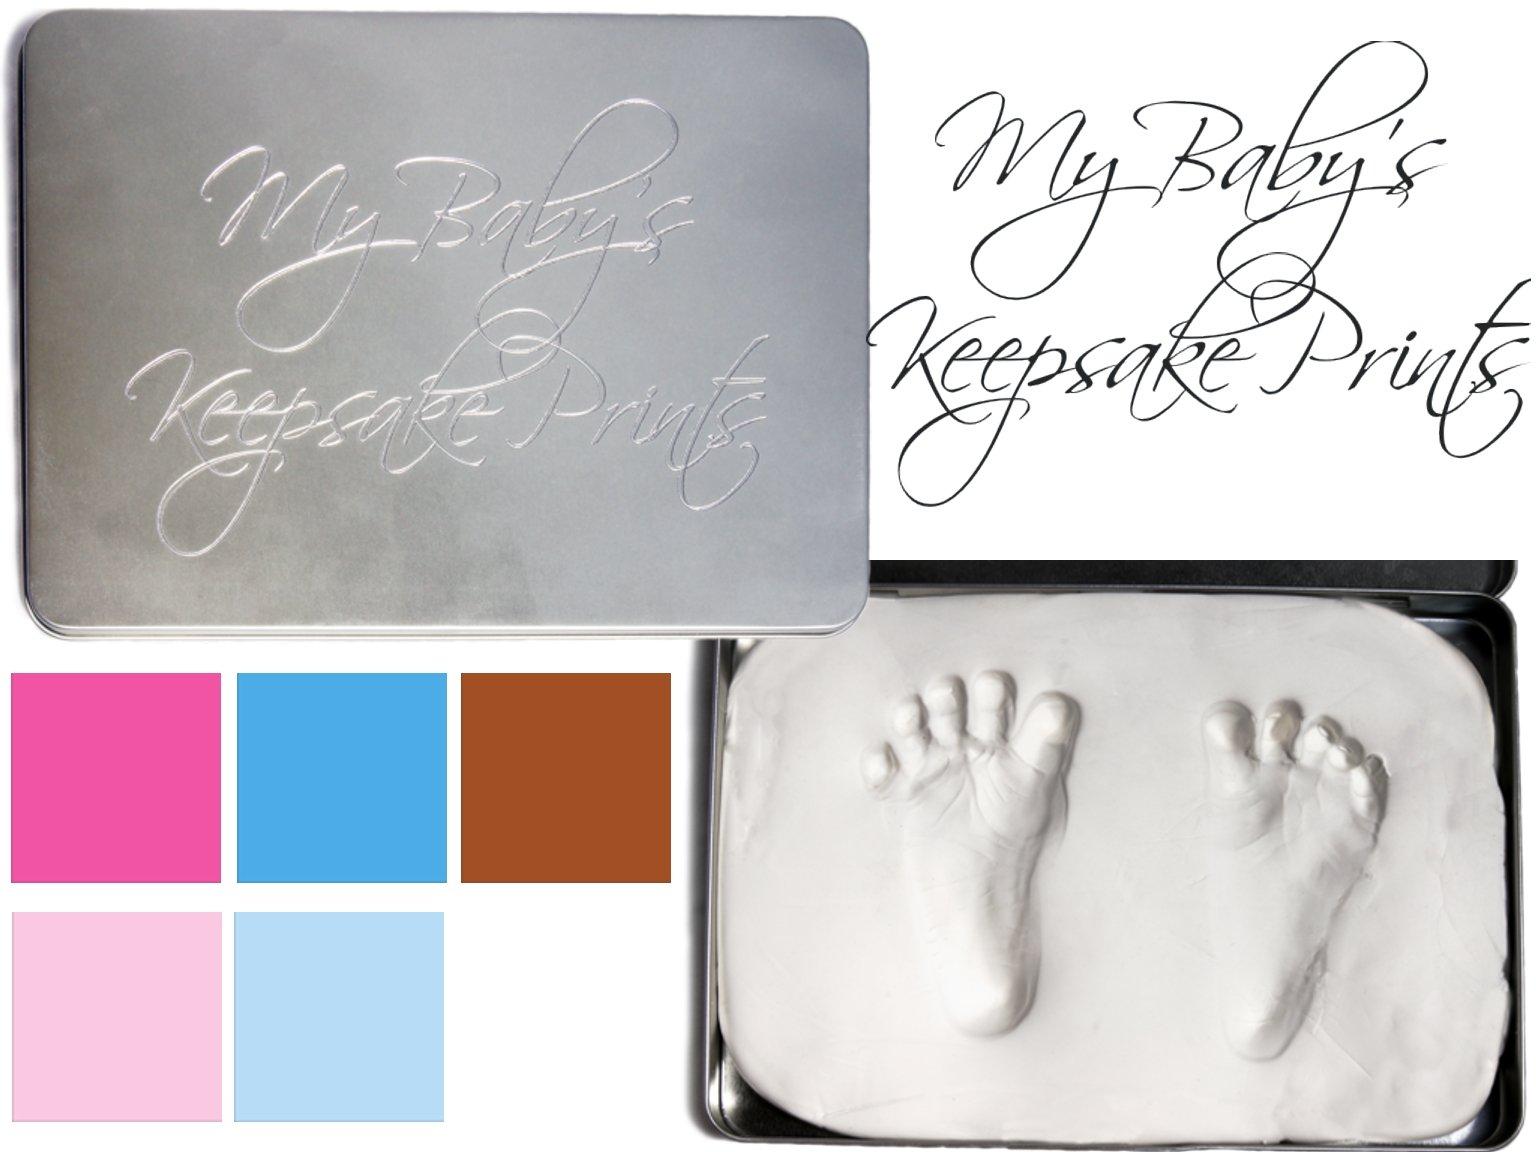 BabyRice - Kit con arcilla para las primeras huellas del niño, caja de lata, Brown (Brown Arcilla Ma